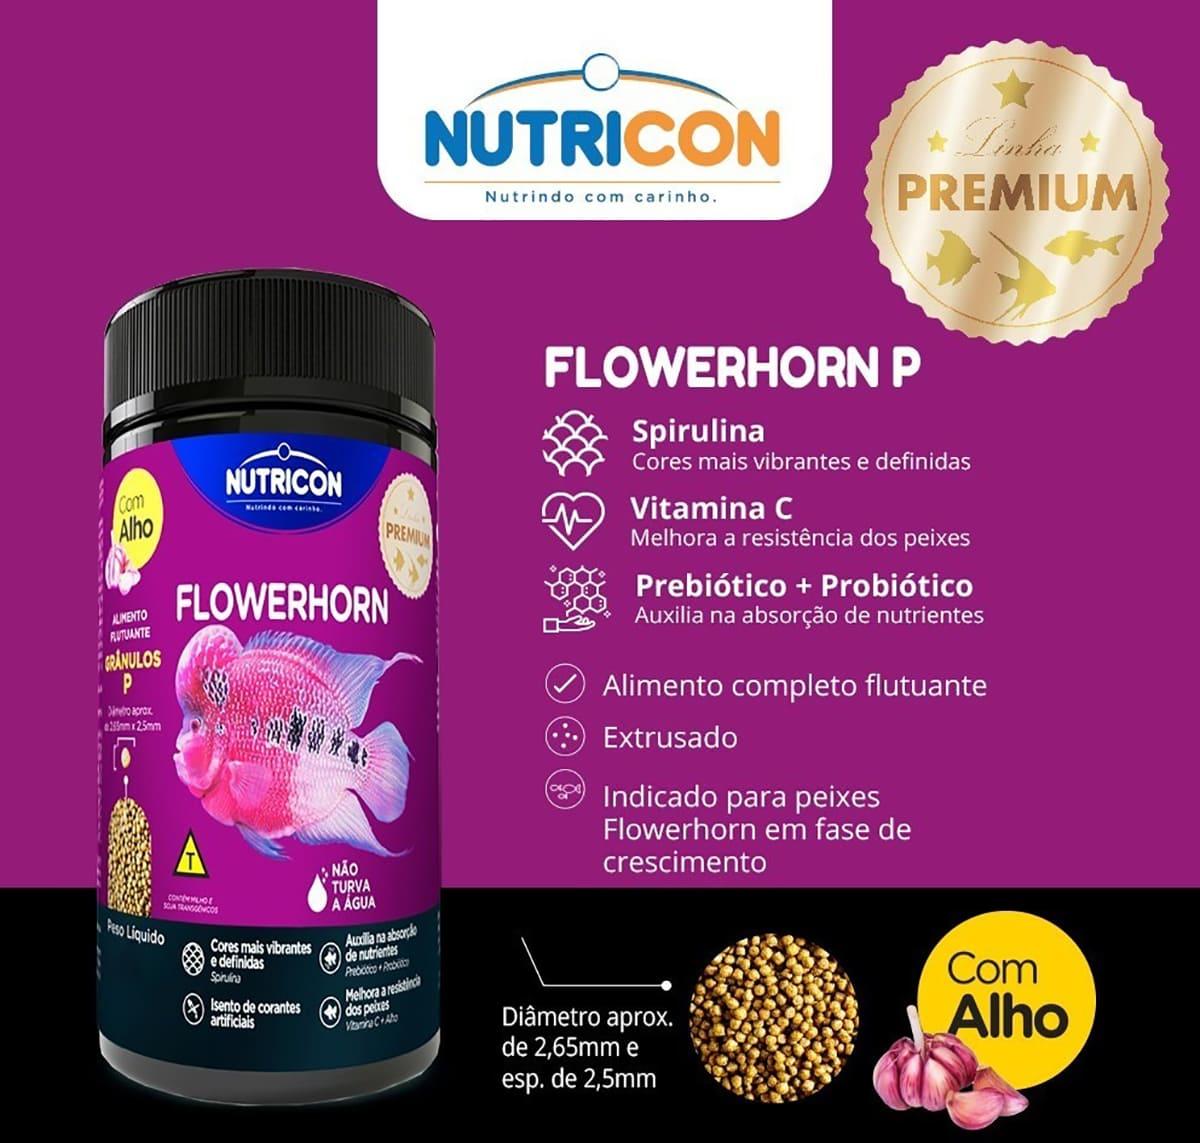 Ração Nutricon para Peixe Flowerhorn com Alho M - 250g